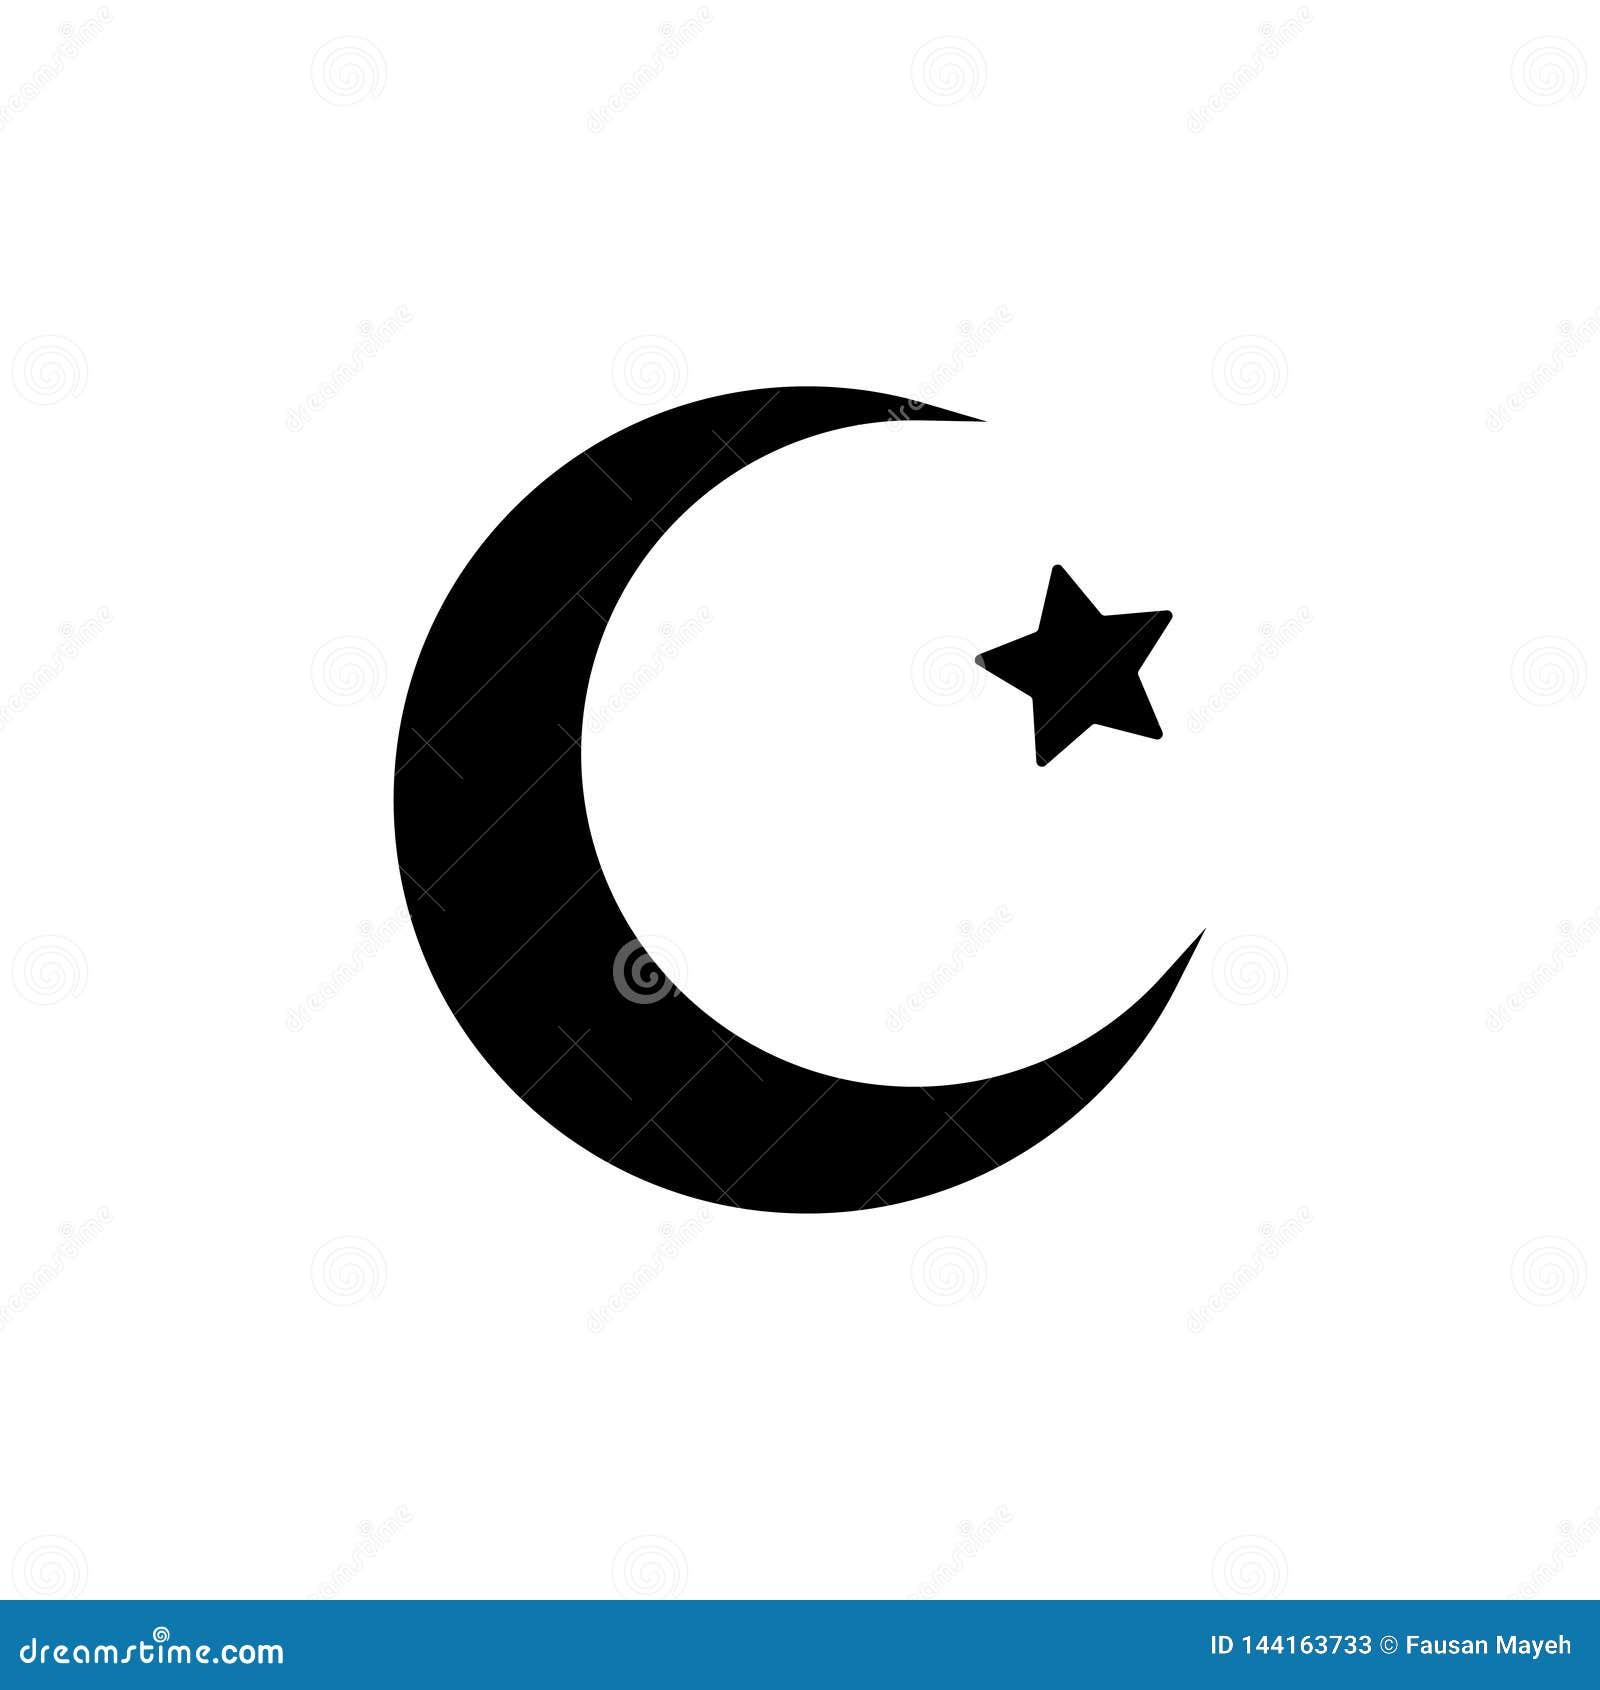 Φεγγάρι και εικονίδιο αστεριών Επίπεδη διανυσματική απεικόνιση στο Μαύρο στο άσπρο υπόβαθρο